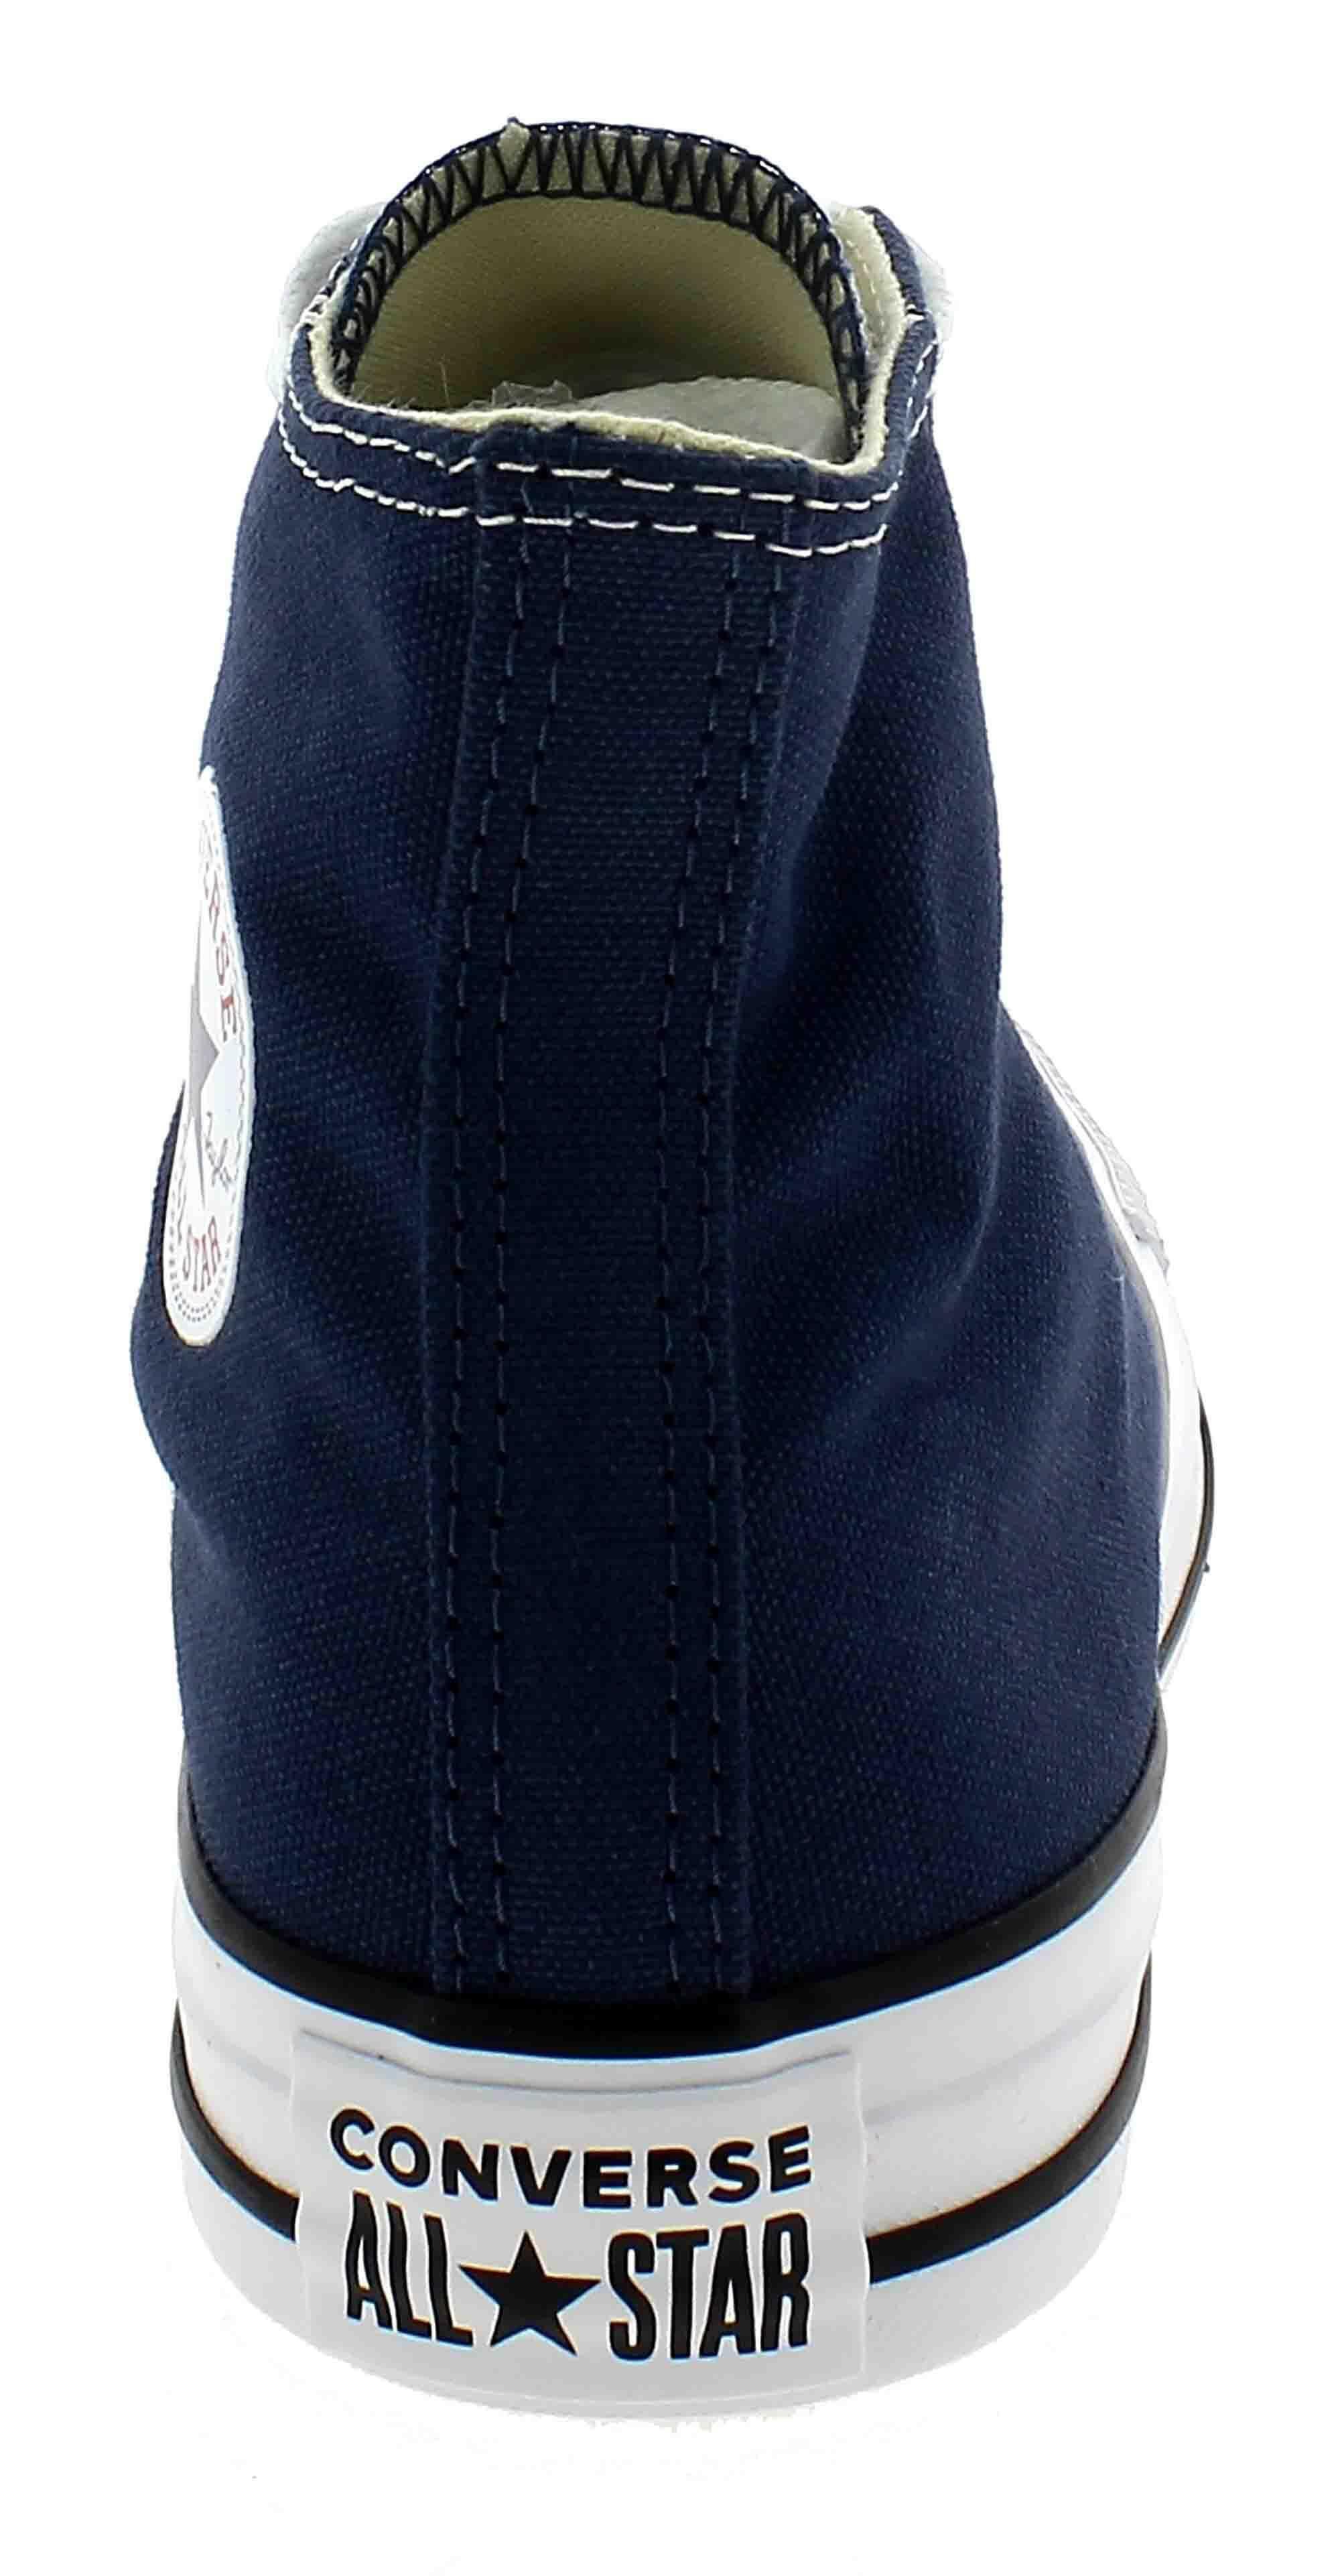 converse converse all star hi scarpe sportive alte blu navy m9622c